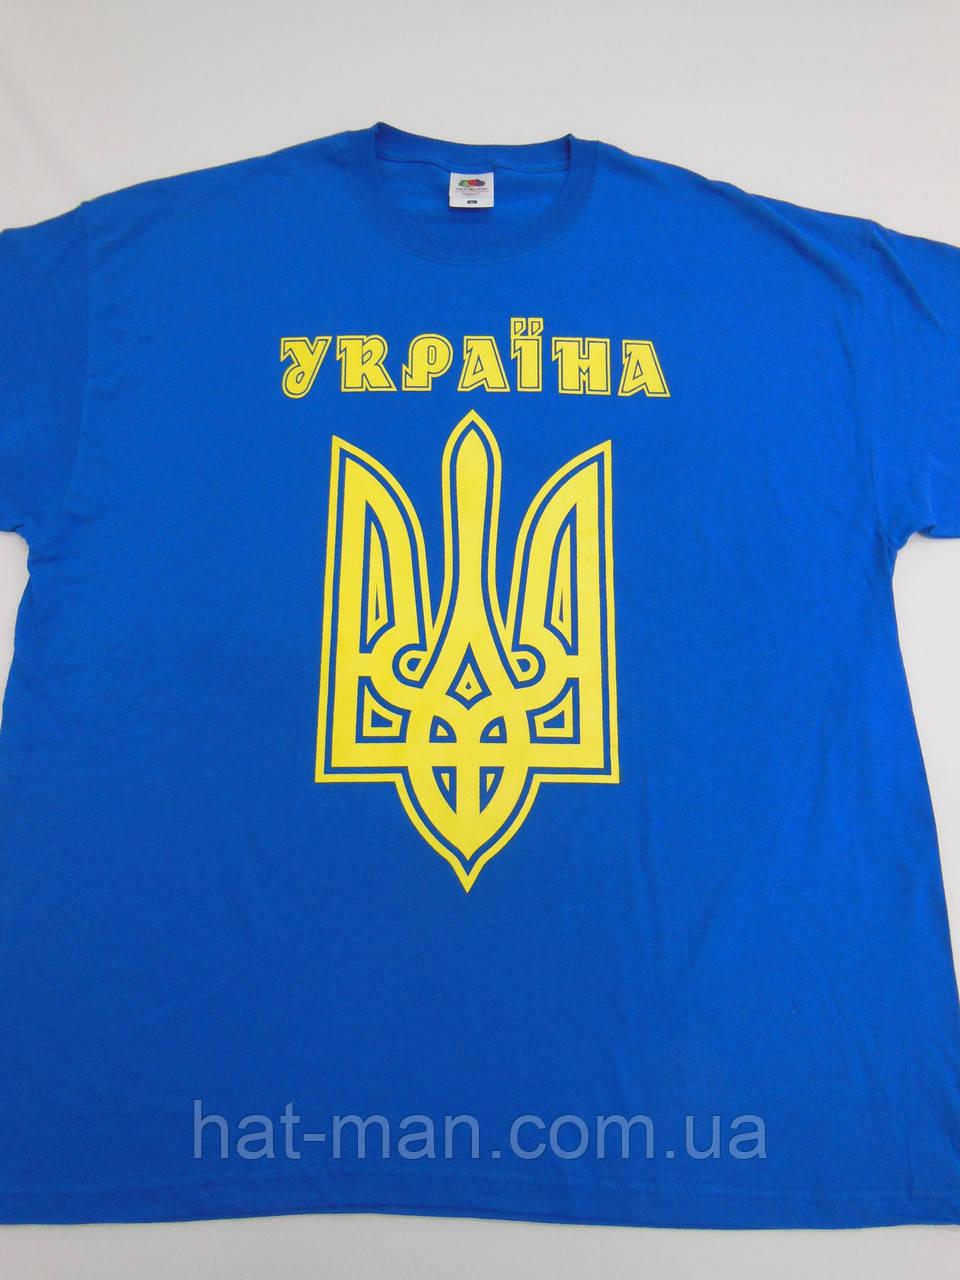 Тризуб, Україна